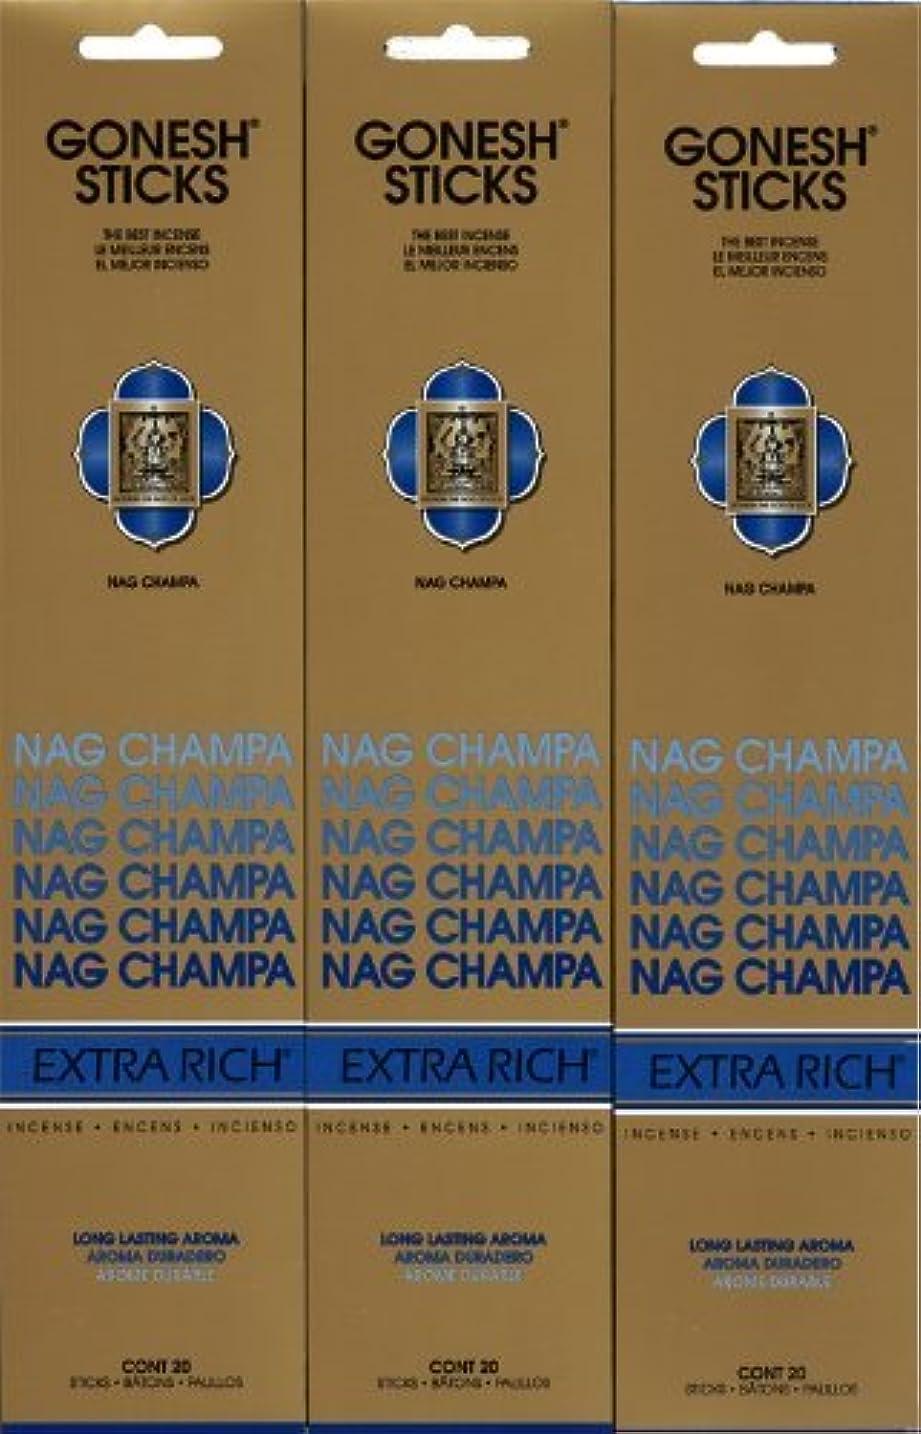 専門サーフィン放送GONESH NAG CHAMPA ナグチャンパ スティック 20本入り X 3パック (60本)